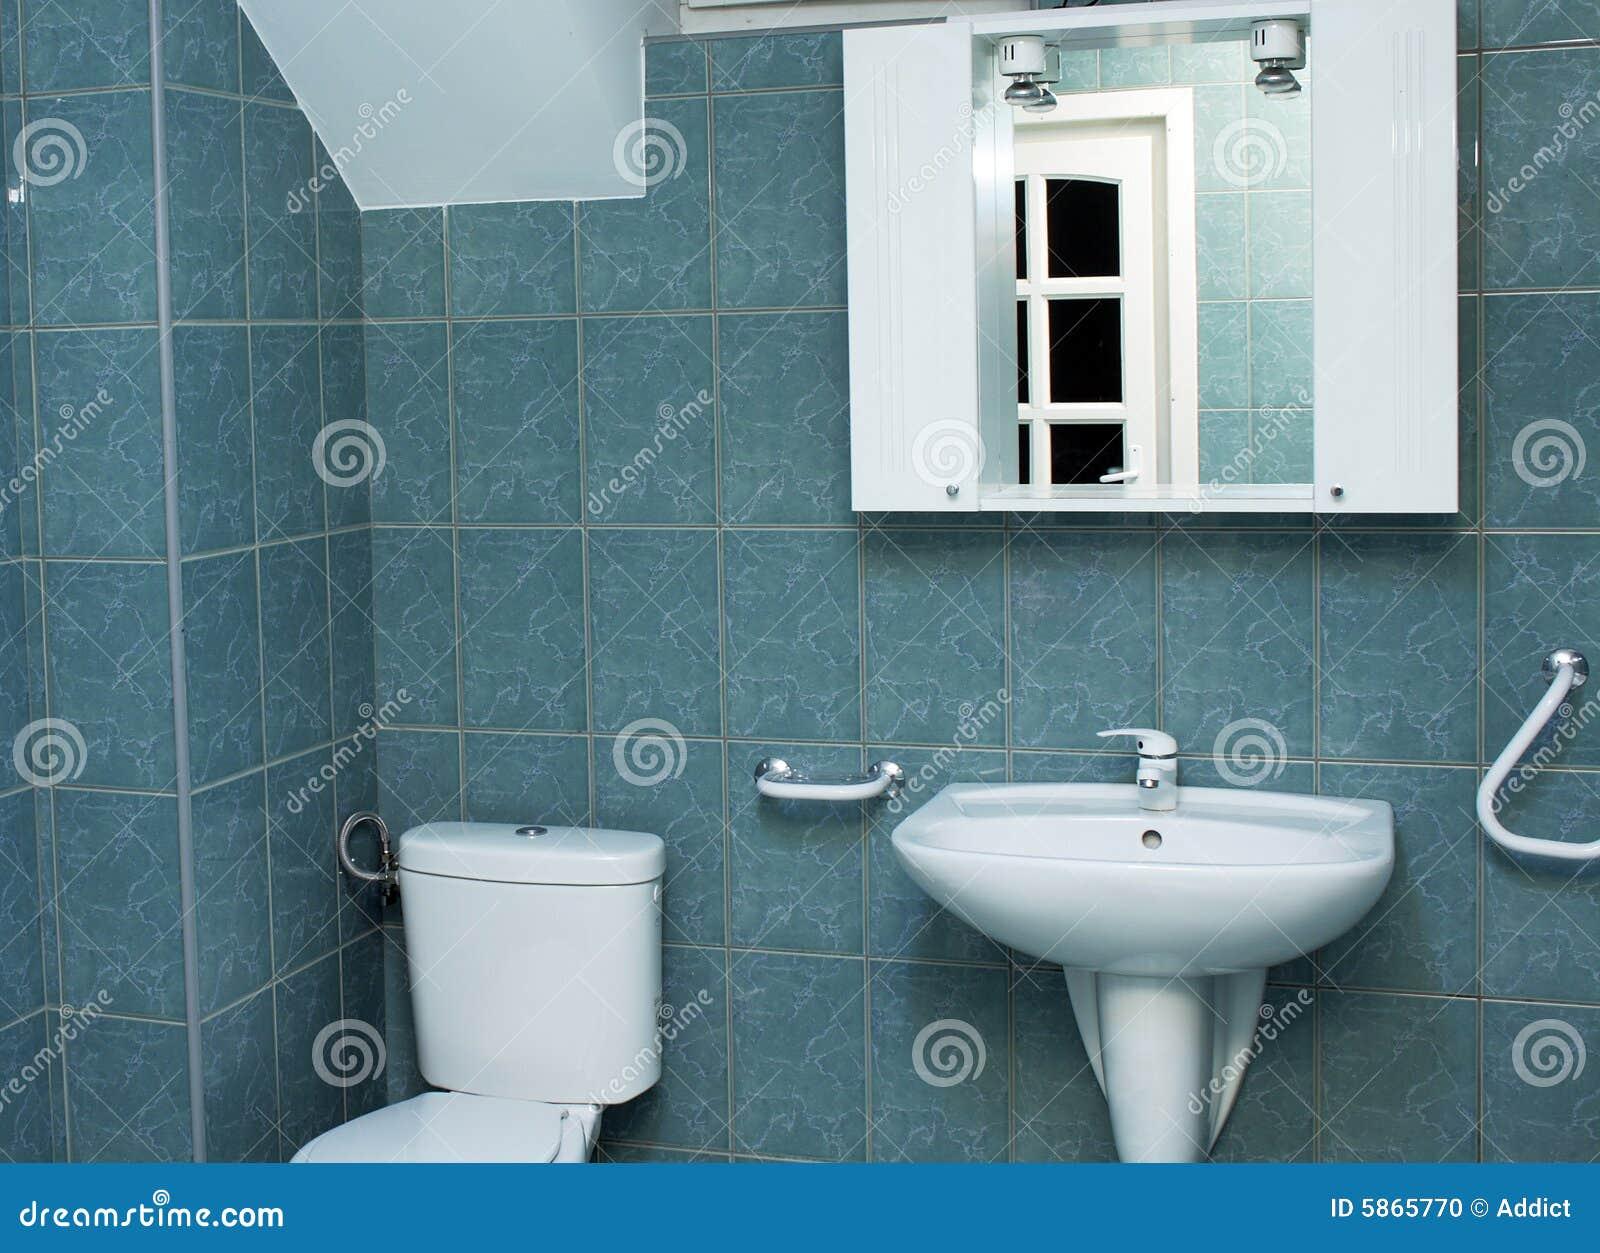 Cuarto de ba o moderno con los azulejos verdes foto de for Habitaciones con azulejos